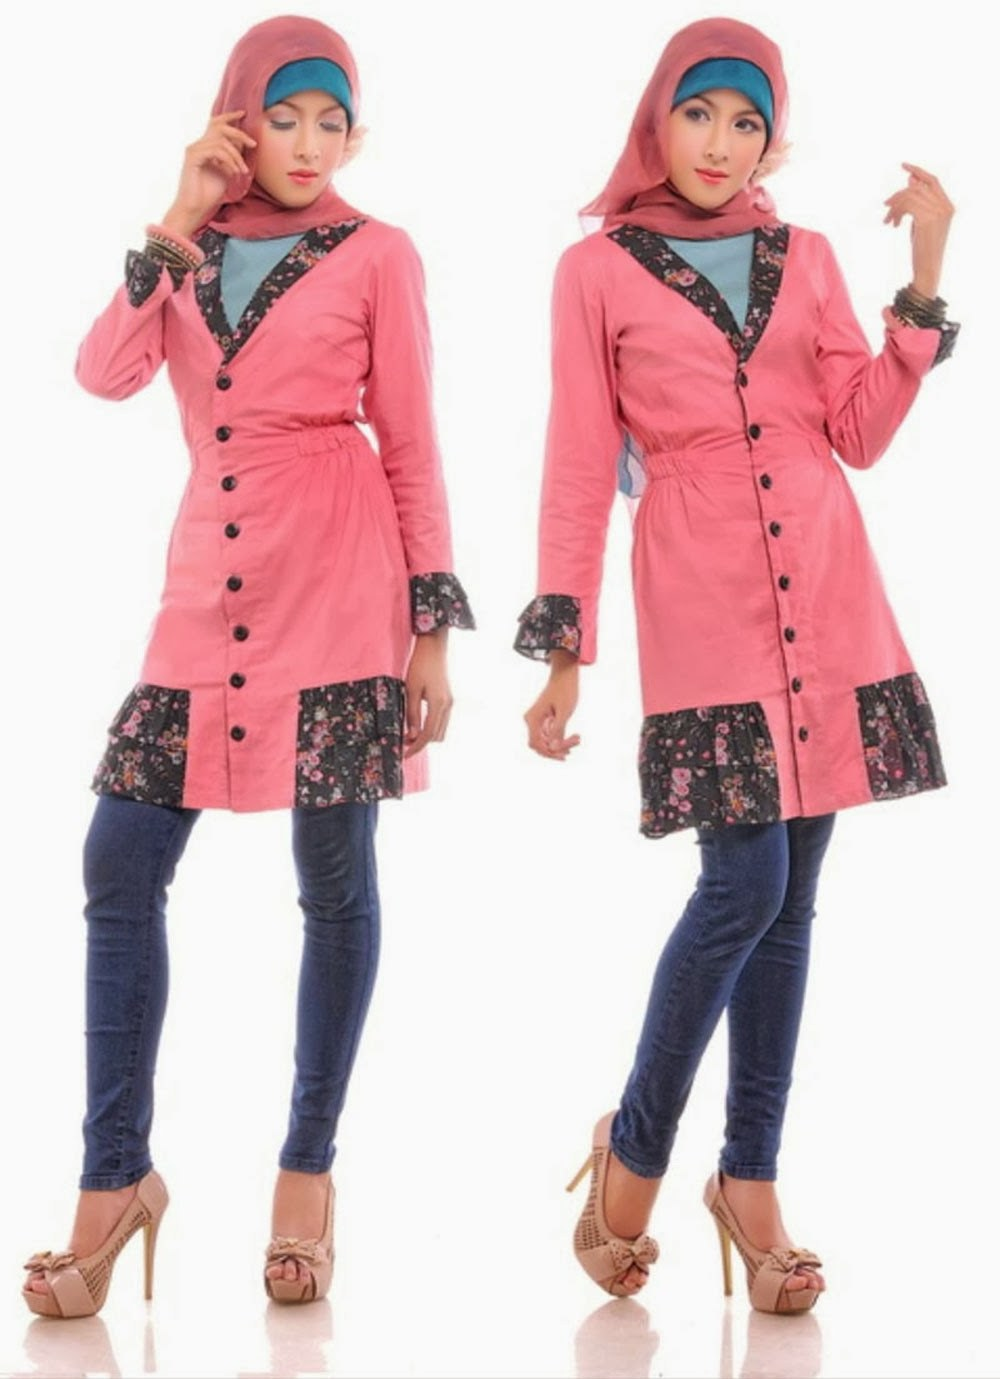 Bentuk Model Baju Lebaran Jaman Sekarang Y7du Model Baju Muslim Modern Terbaru 2016 Jaman Sekarang